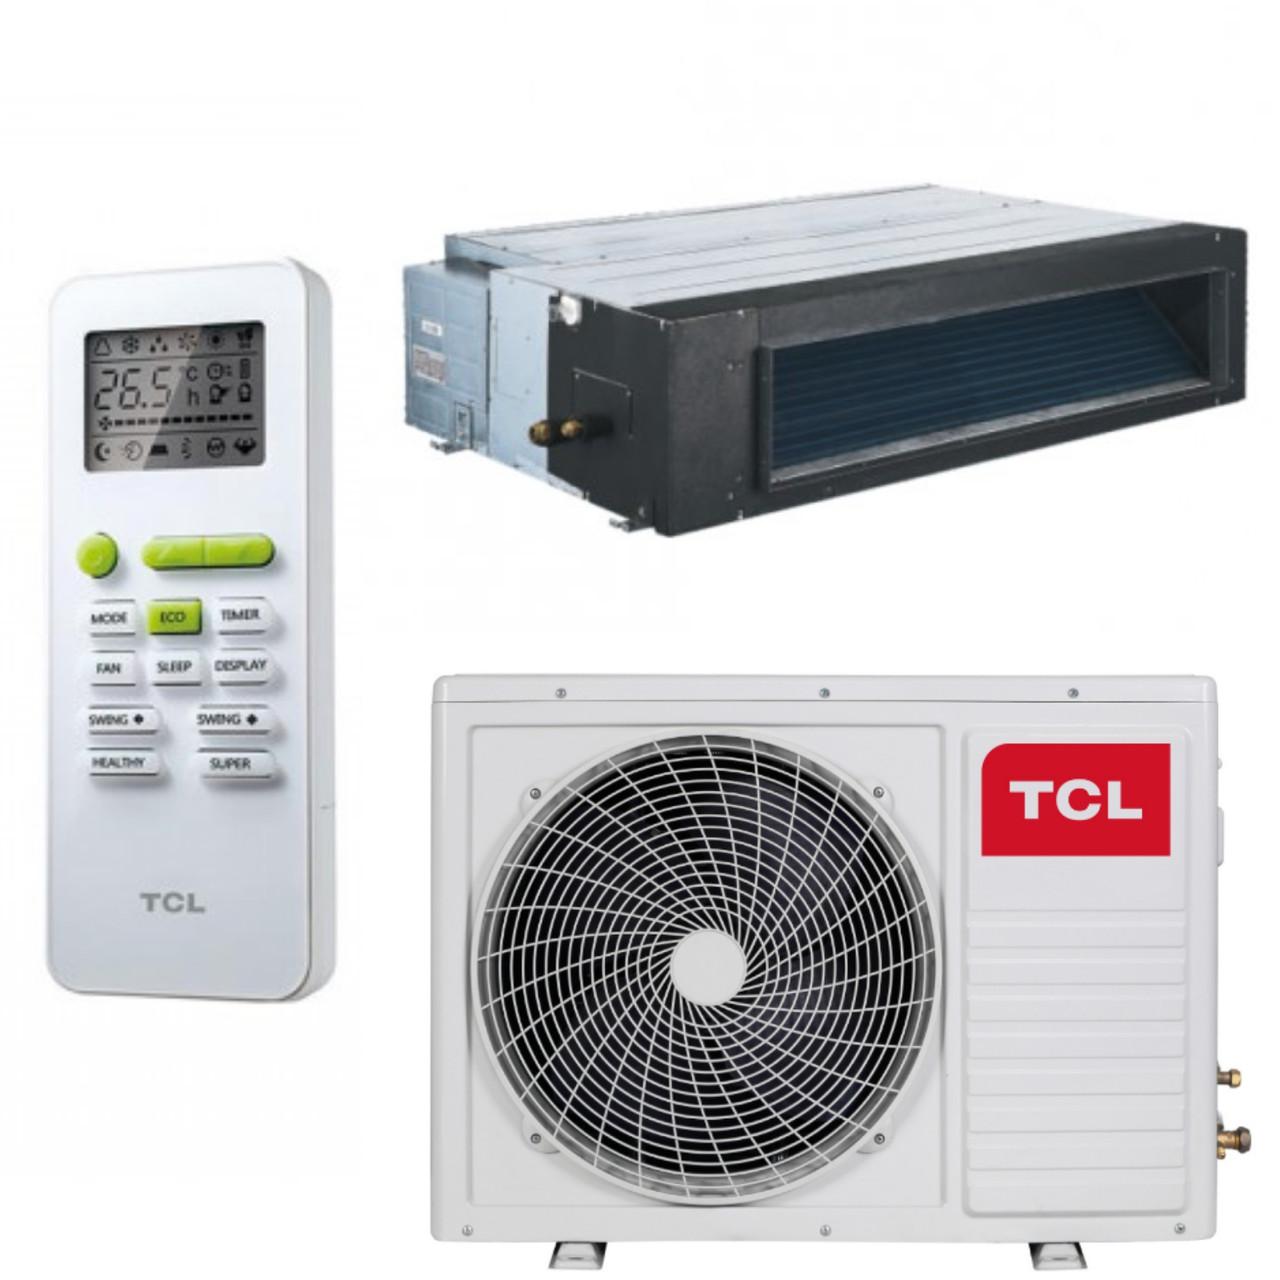 Канальный кондиционер 24000BTU до 70 м2 TCL TCC-24D2HRA/UI/TCC-24HRA/UO